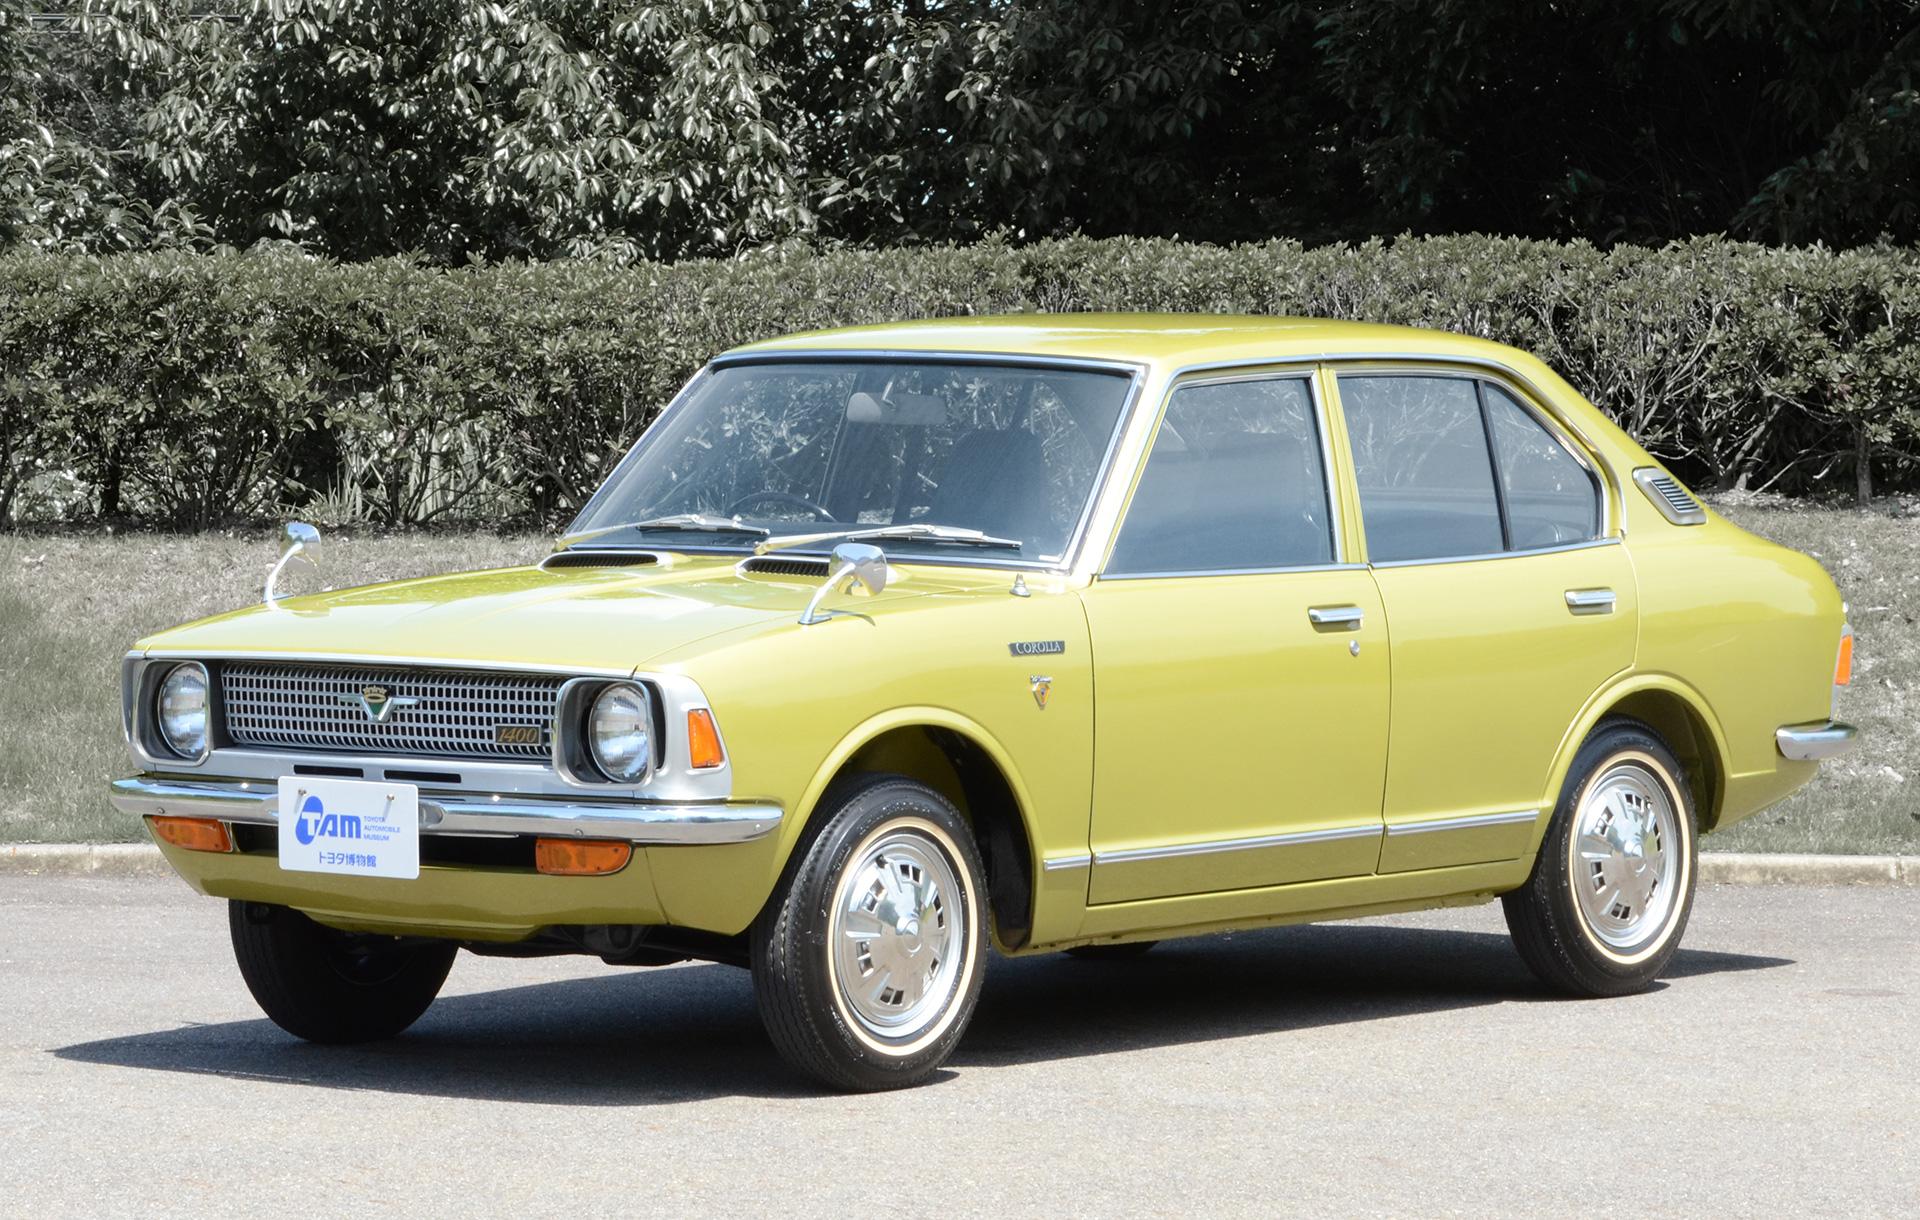 昔と今、日本車各メーカーの大衆車はどう変わった?